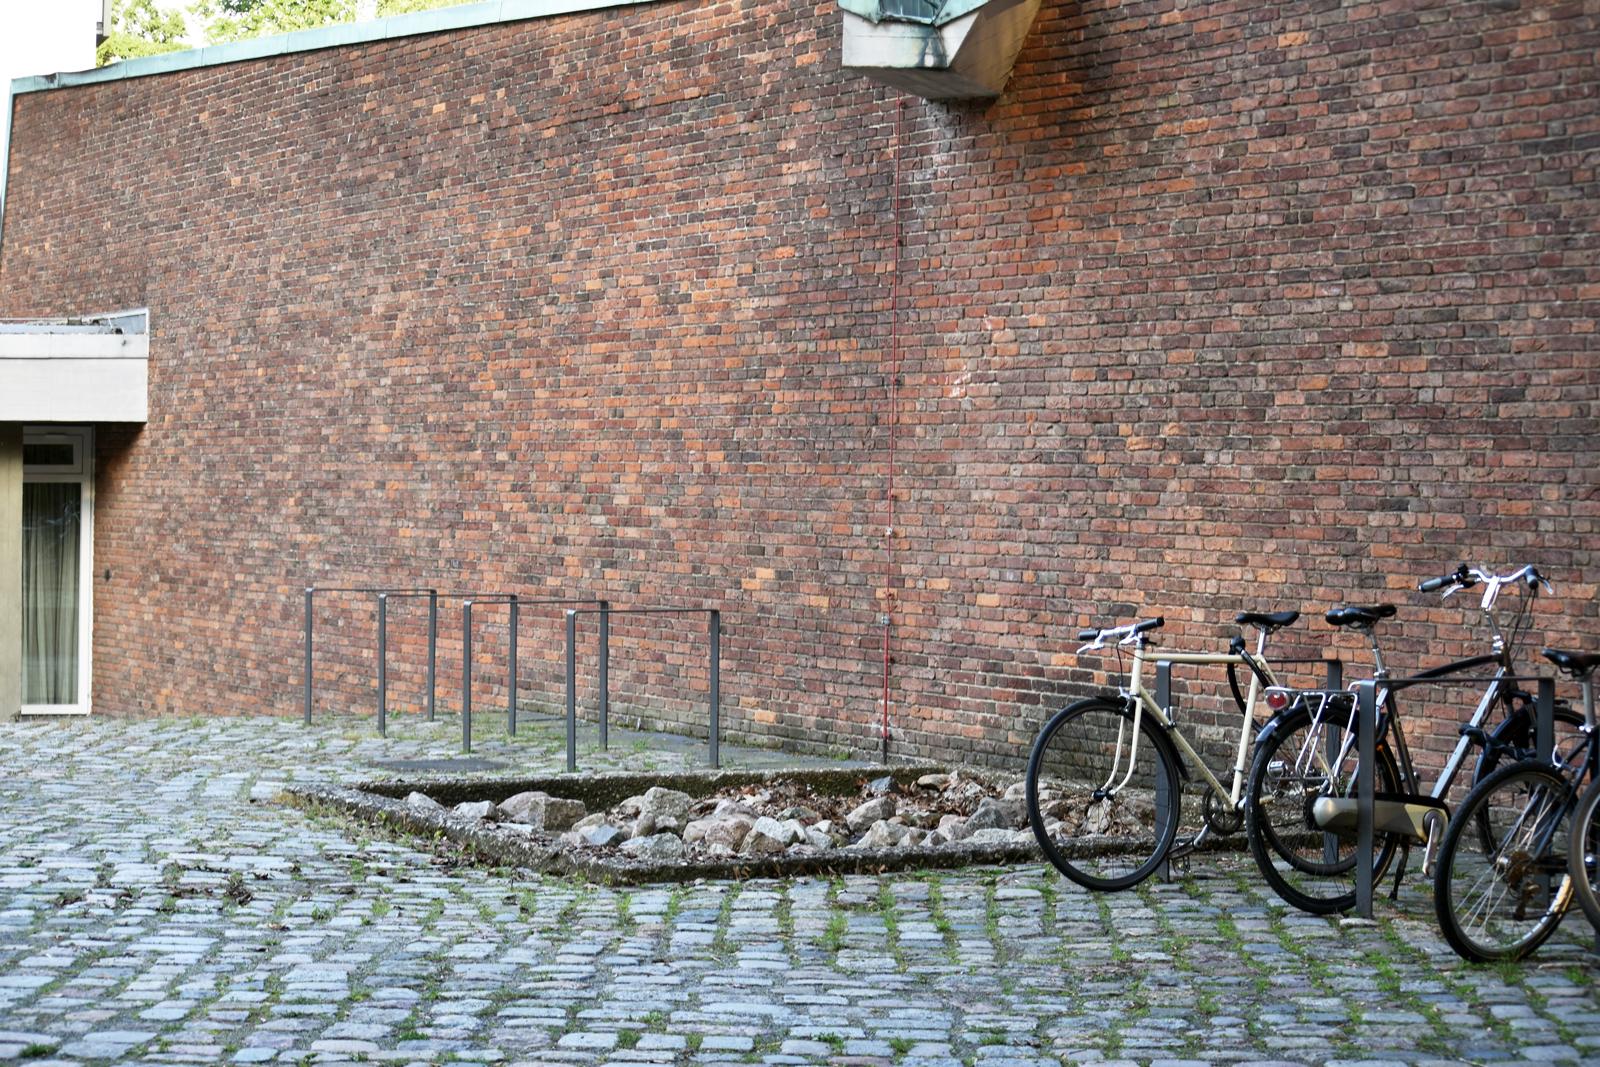 fahrradstellplaetze-akademie-der-kuenste-berlin-hanseatenweg-eingang-aussenanlagen-armbruster-gruenanlage-vorplatz-denkmal-landschaftsarchitektur